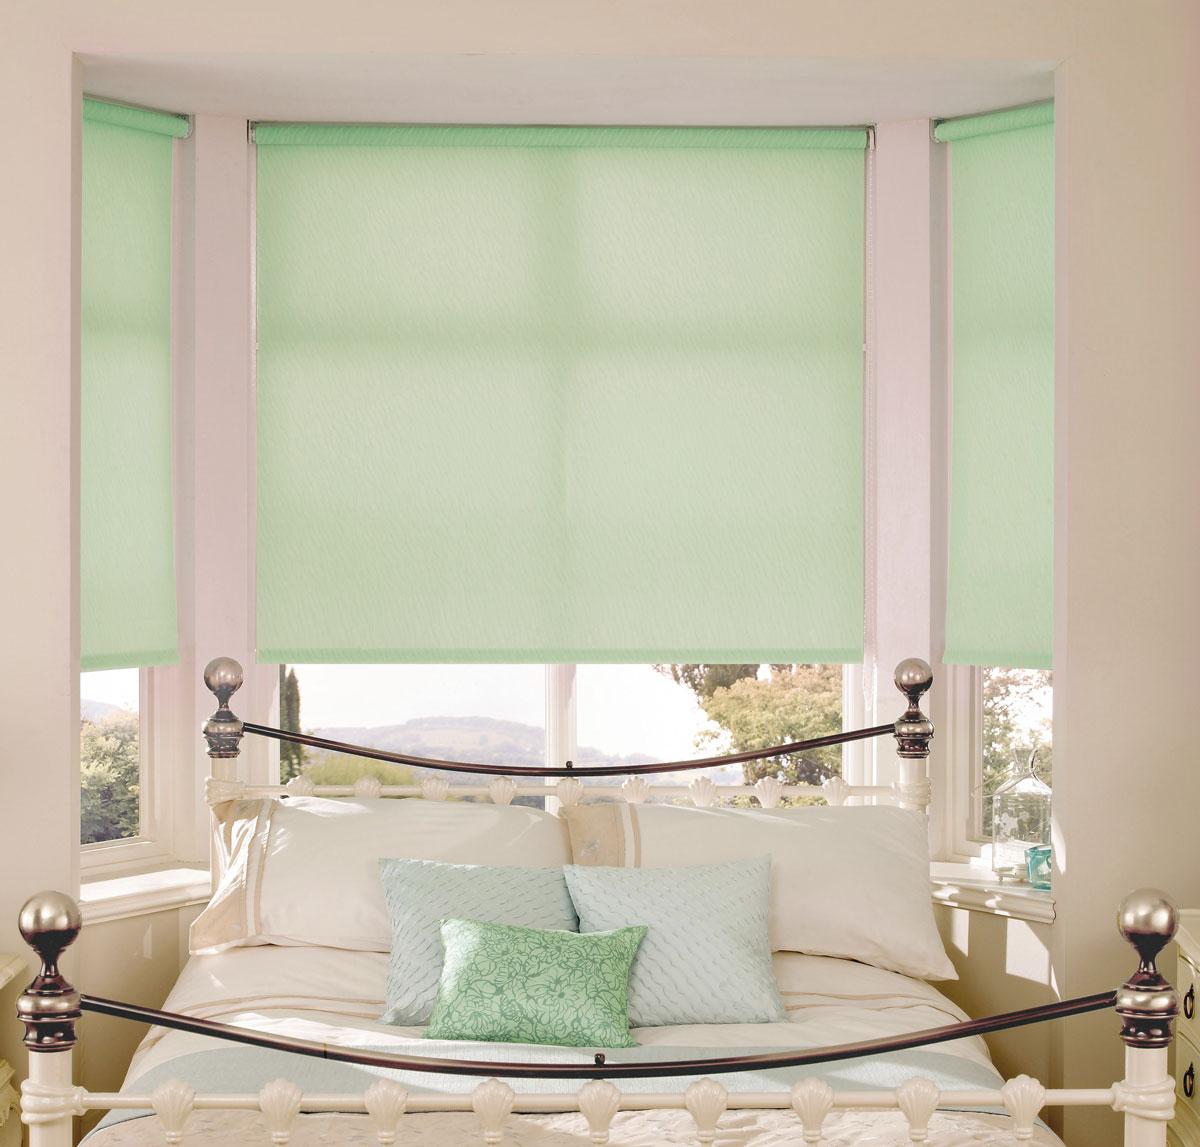 Штора рулонная KauffOrt Миниролло, цвет: светло-зеленый, ширина 48 см, высота 170 см3048017Рулонная штора Миниролло выполнена из высокопрочной ткани, которая сохраняет свой размер даже при намокании. Ткань не выцветает и обладает отличной цветоустойчивостью. Миниролло - это подвид рулонных штор, который закрывает не весь оконный проем, а непосредственно само стекло. Такие шторы крепятся на раму без сверления при помощи зажимов или клейкой двухсторонней ленты (в комплекте). Окно остается на гарантии, благодаря монтажу без сверления. Такая штора станет прекрасным элементом декора окна и гармонично впишется в интерьер любого помещения.